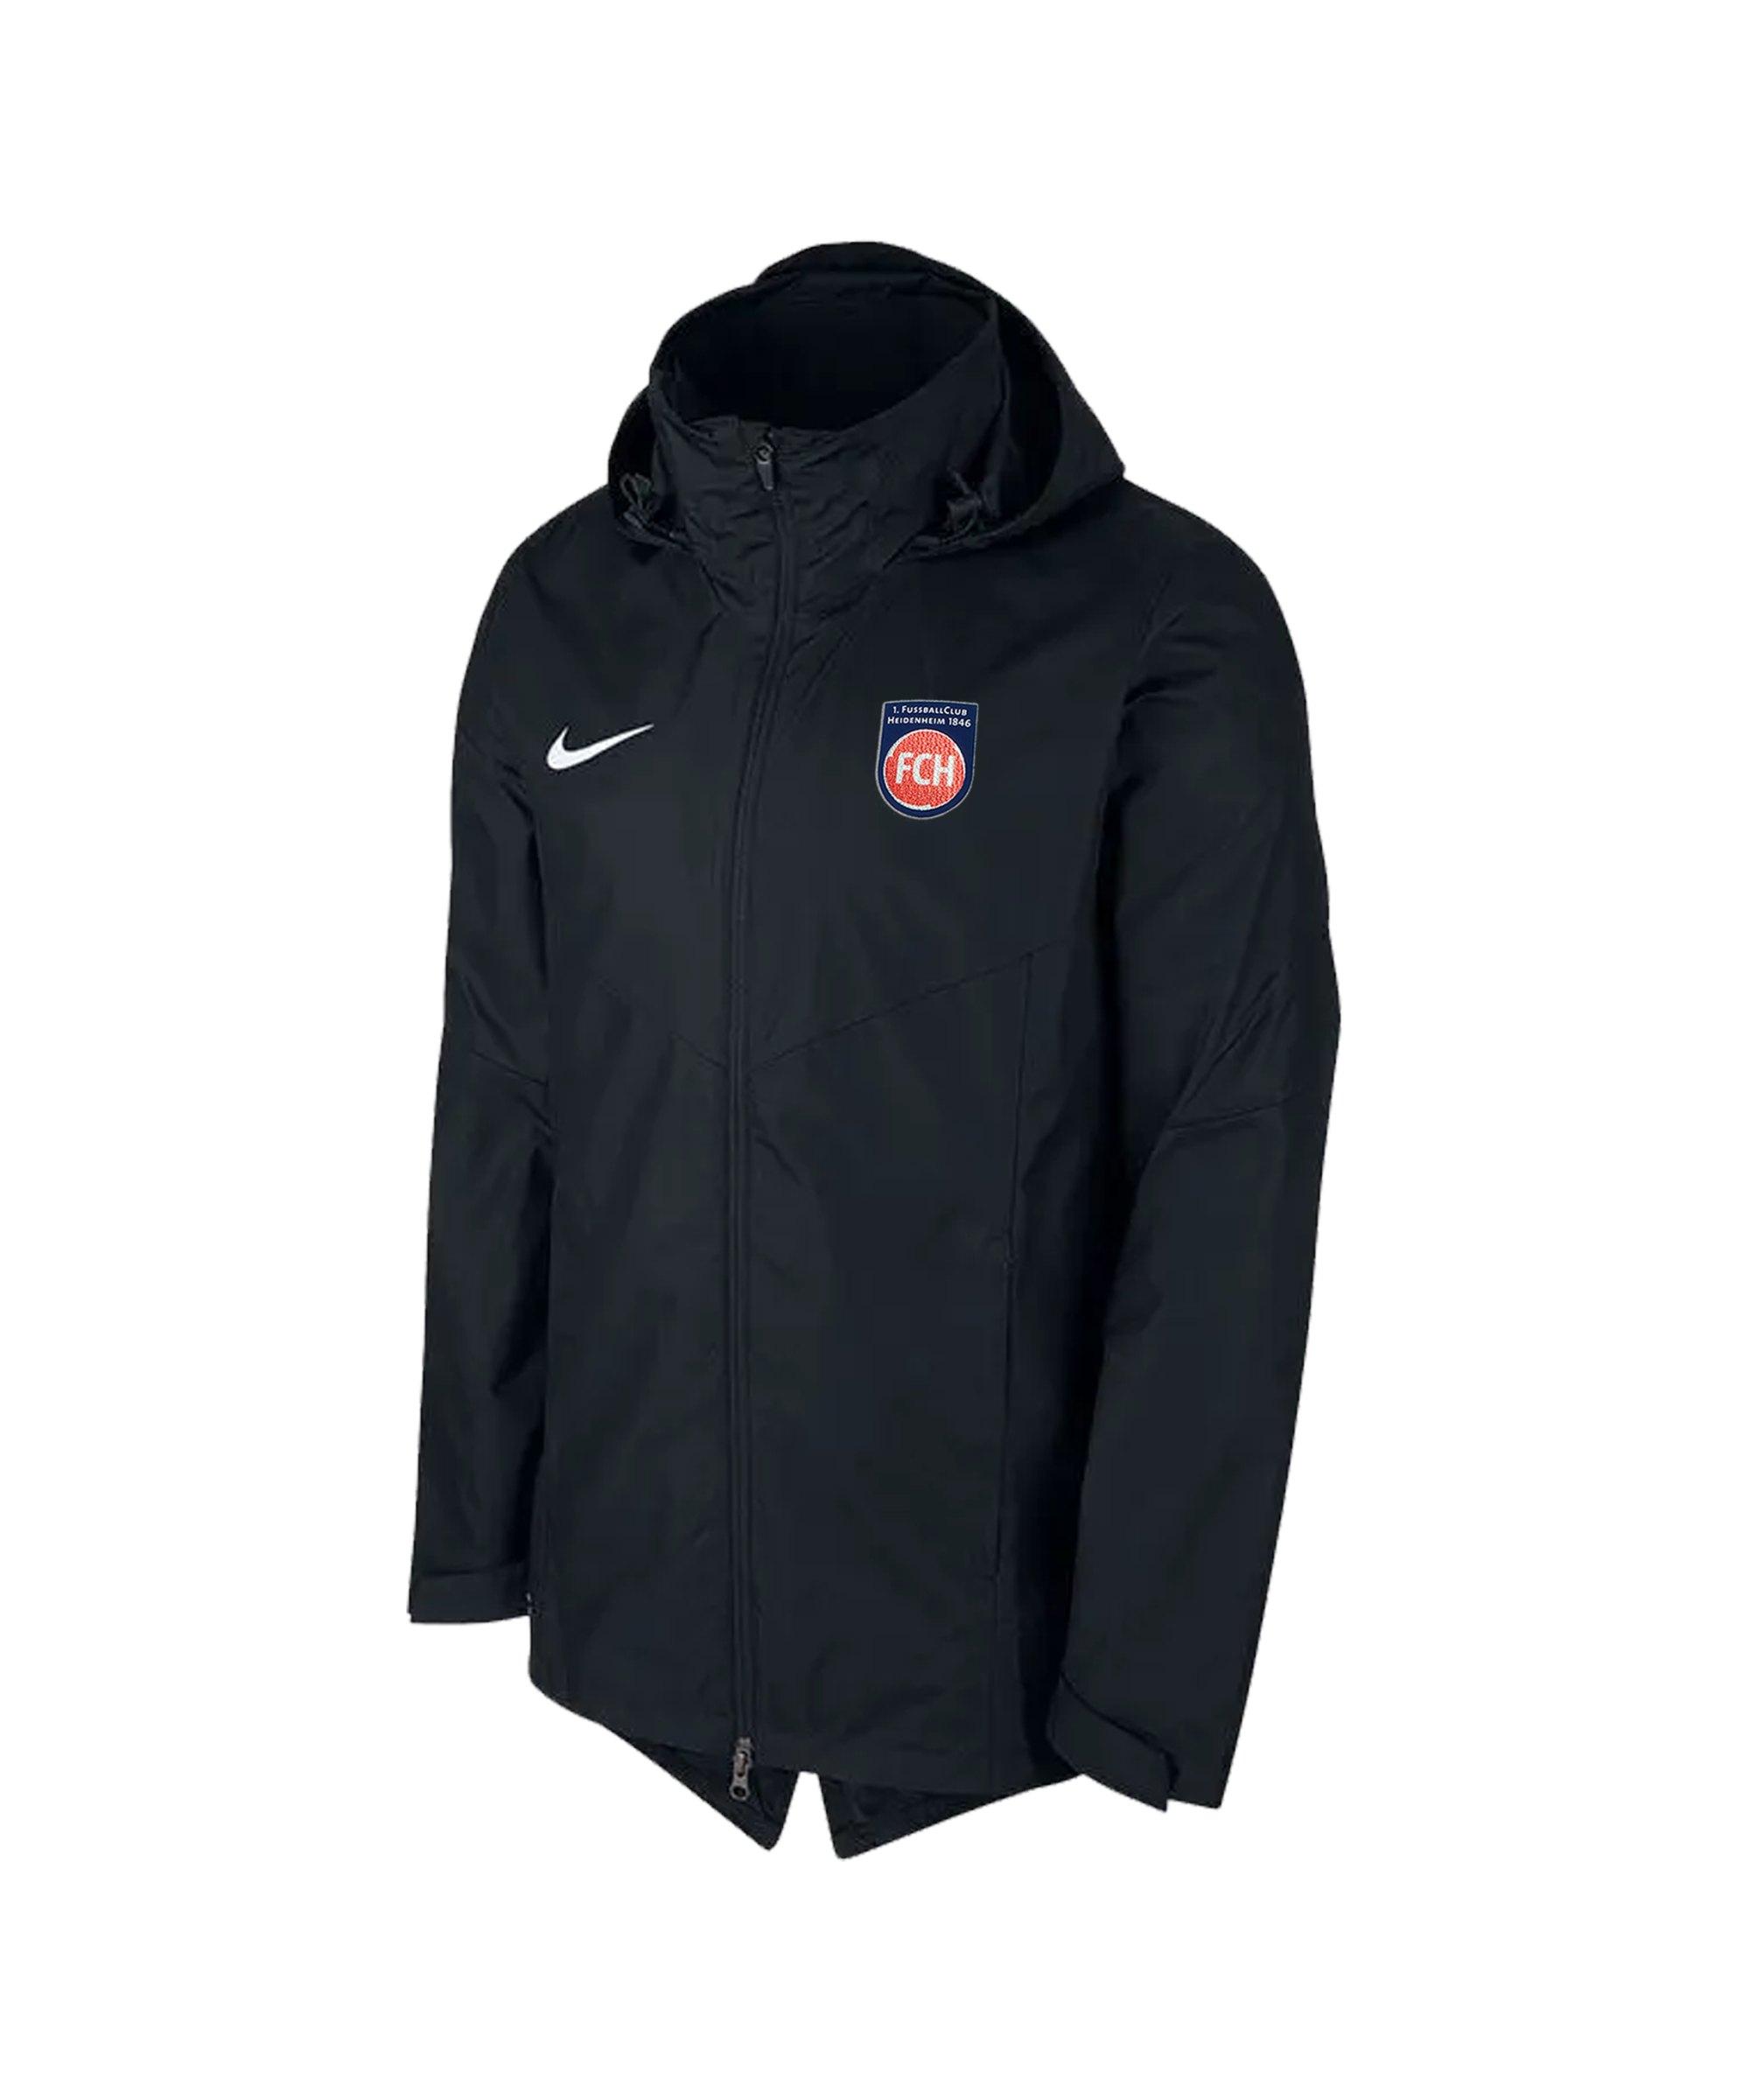 Nike 1. FC Heidenheim Regenjacke Schwarz F010 - schwarz